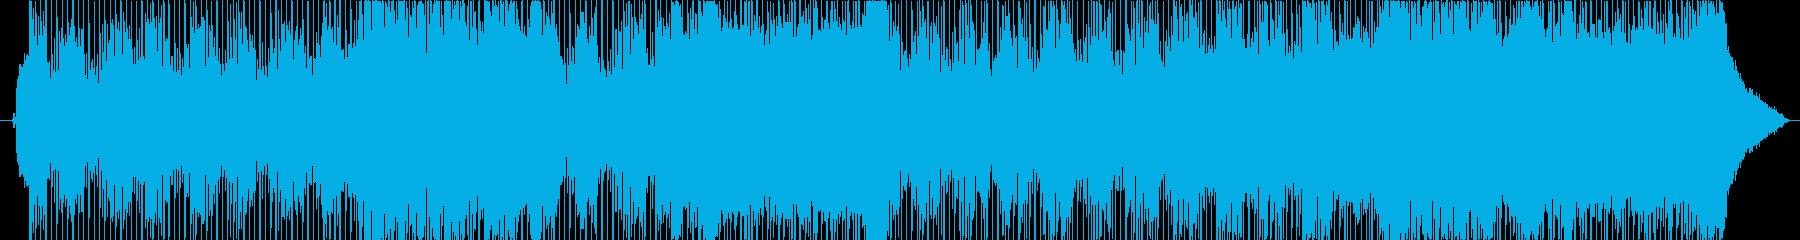 その声の中をの再生済みの波形